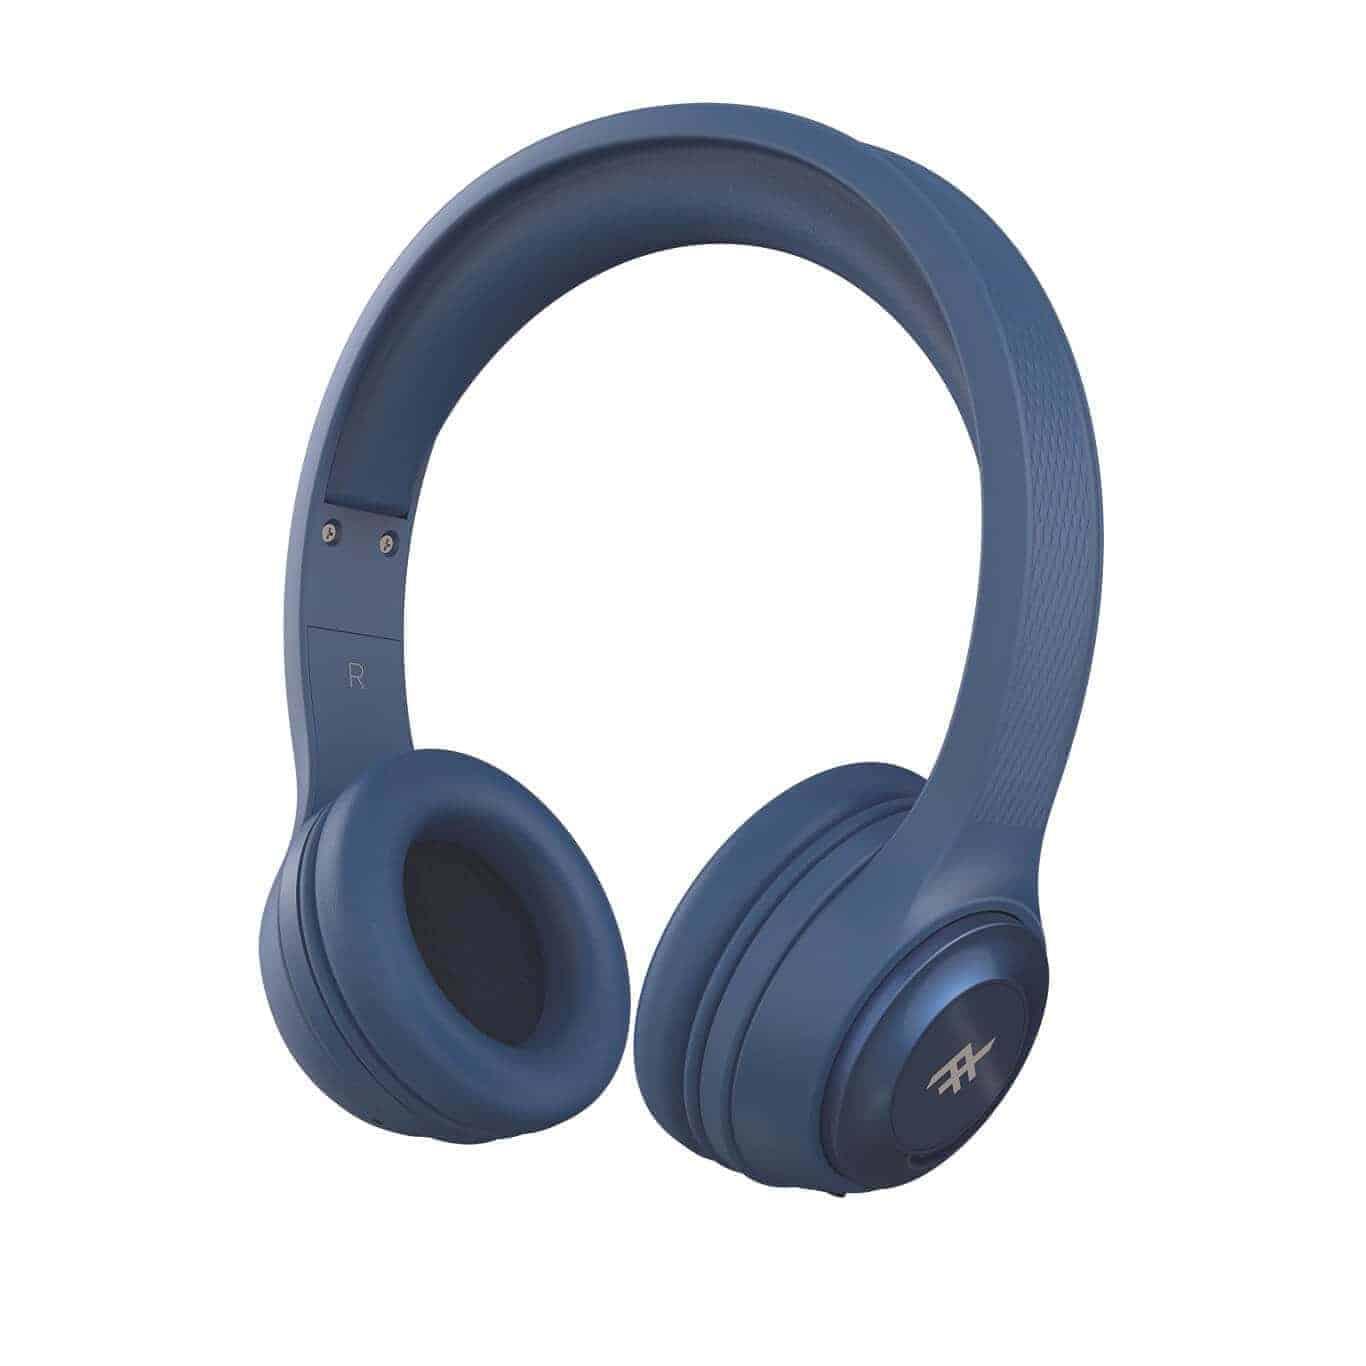 IFROGZ Toxix Wireless Headphones